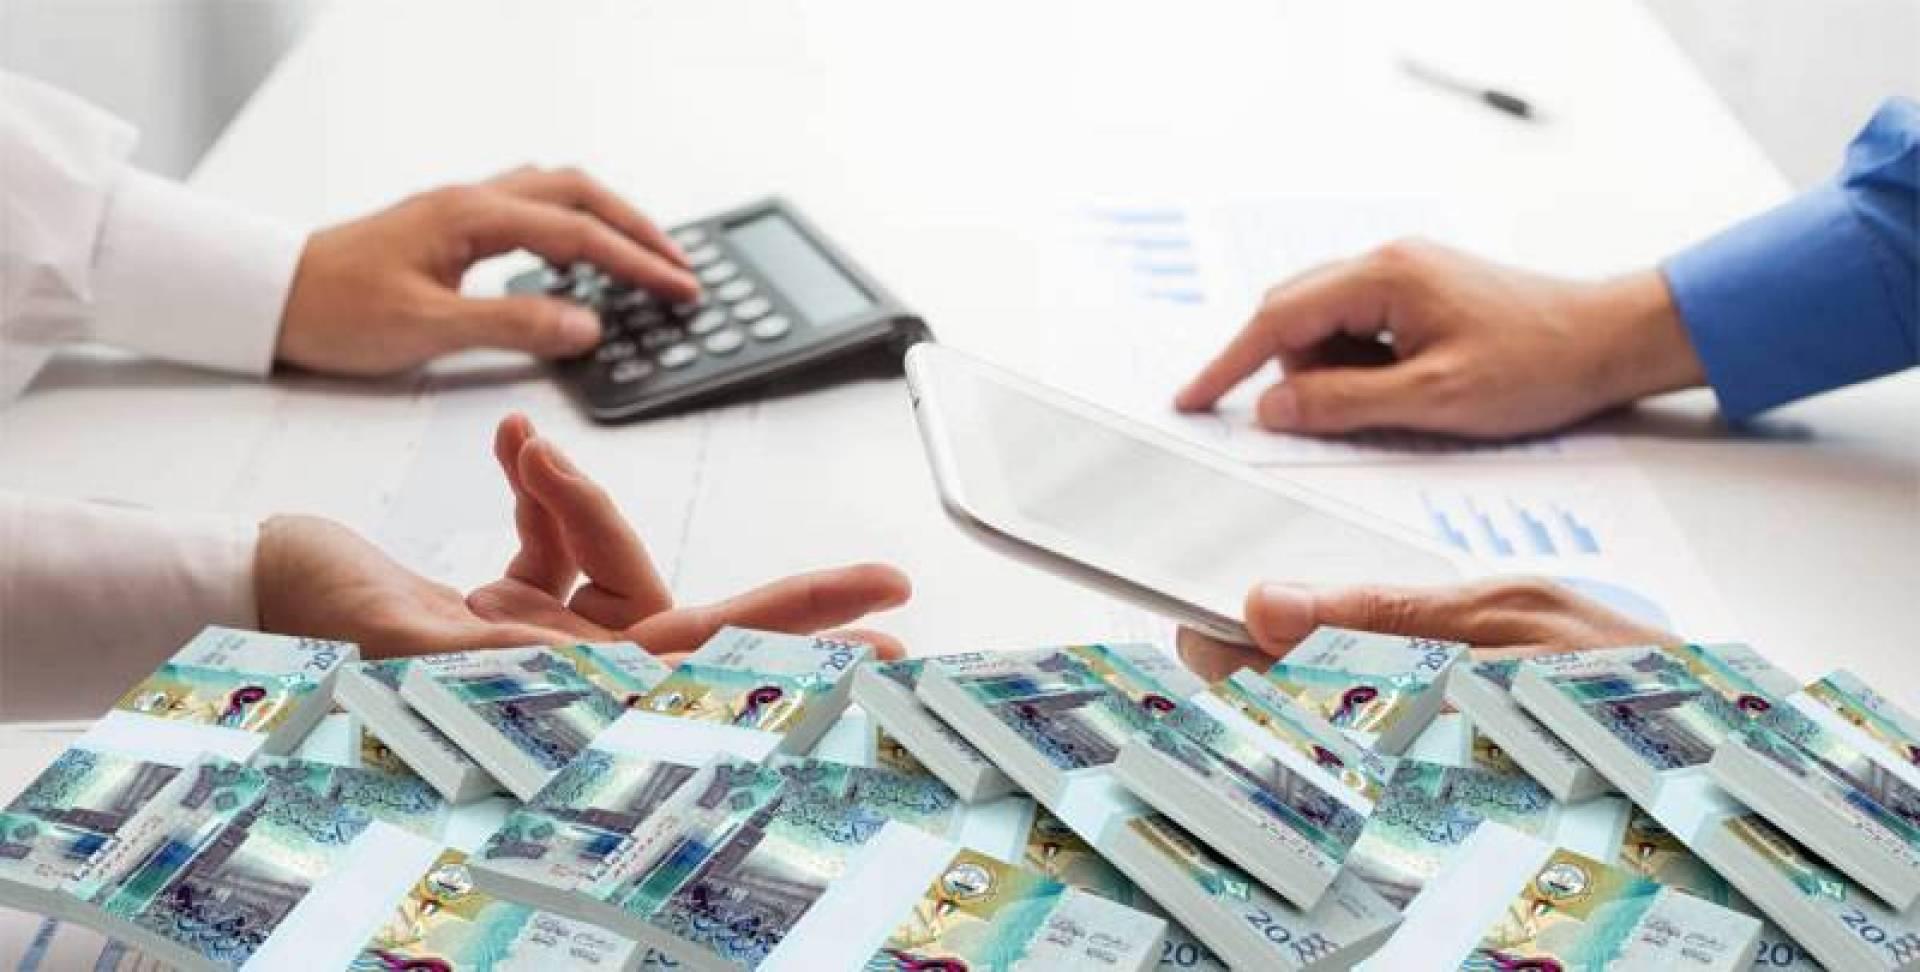 تسديد قرض عقارى بنك الرياض